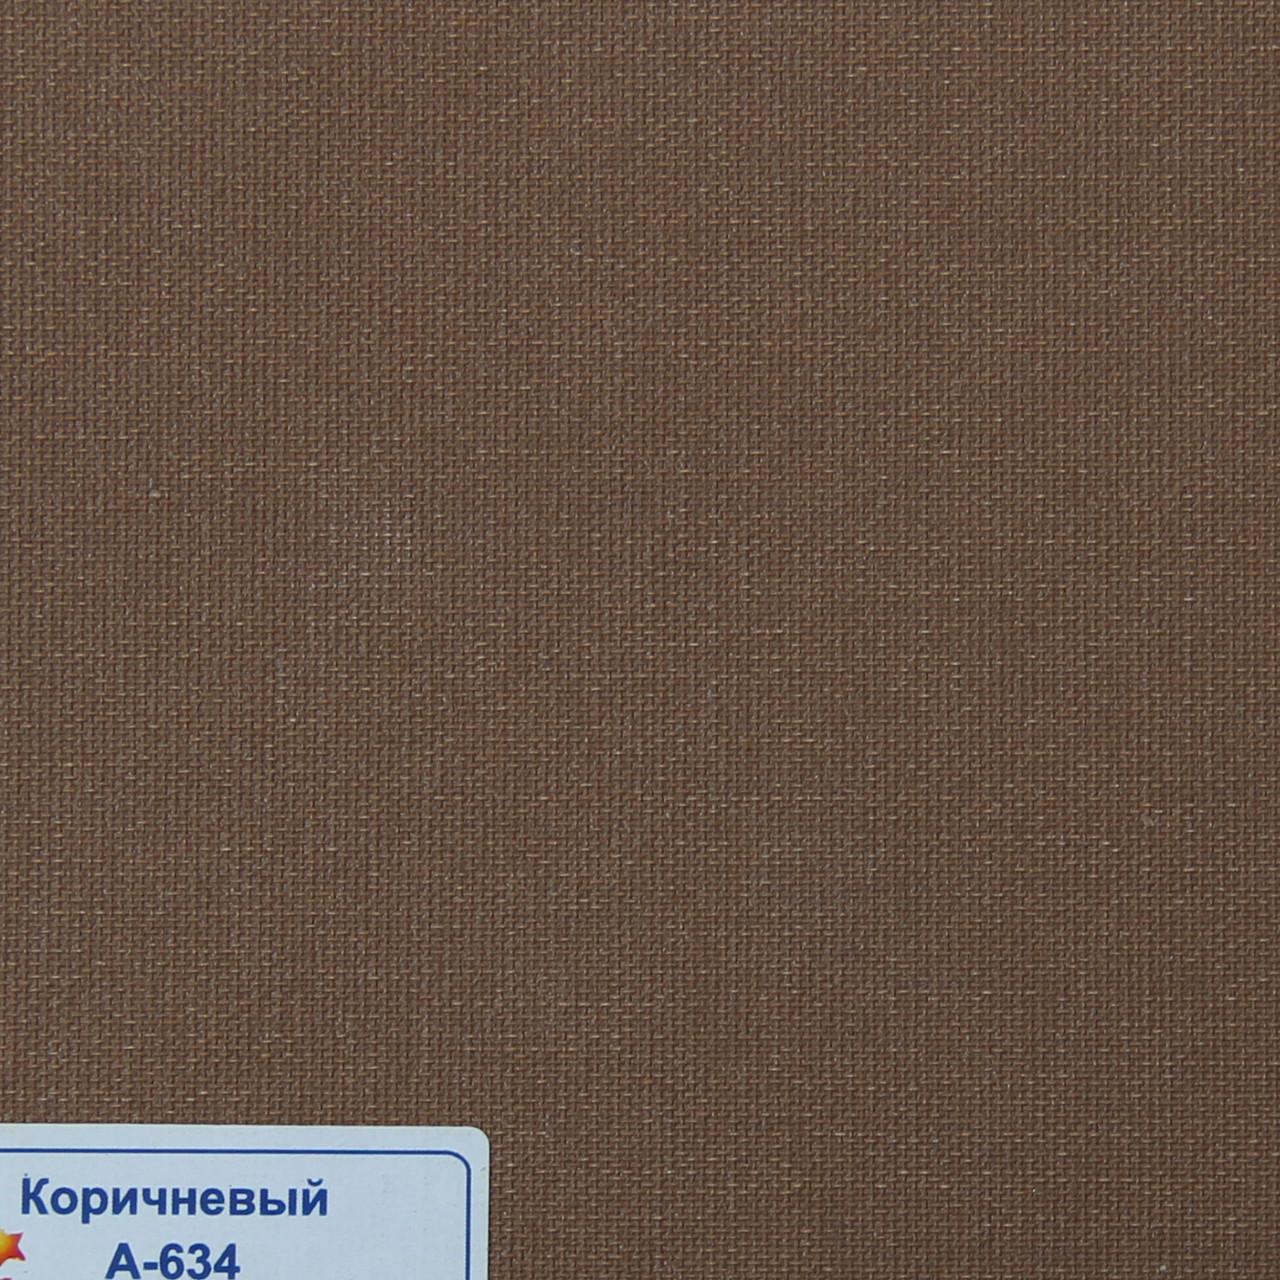 Рулонные шторы Ткань Однотонная А-634 Коричневый